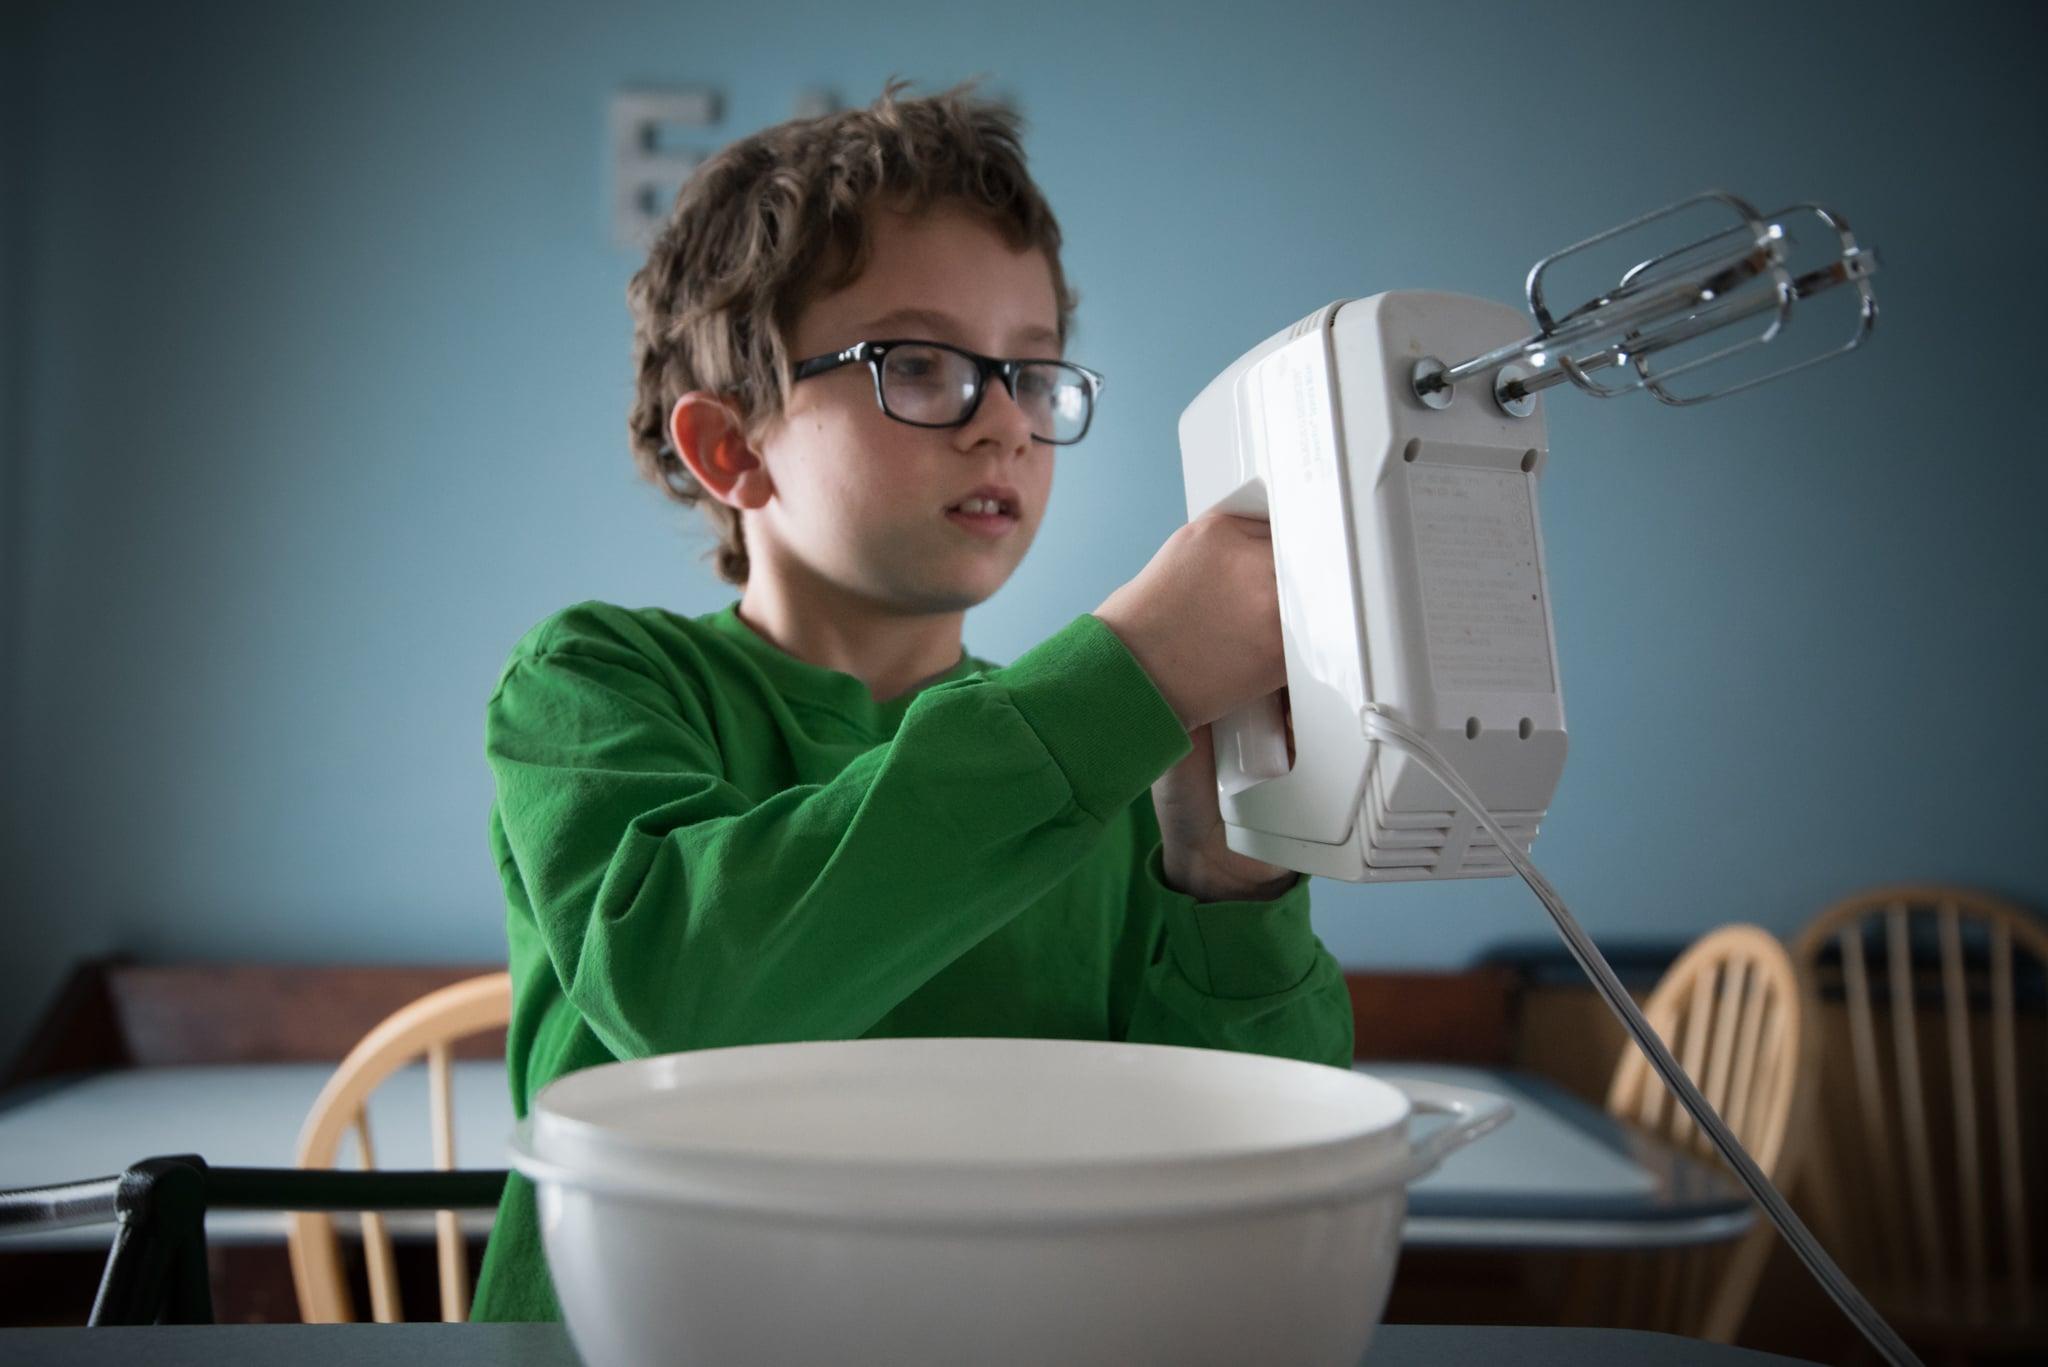 Childrens_Family_Photographer_Fargo_Moorhead-6311.jpg